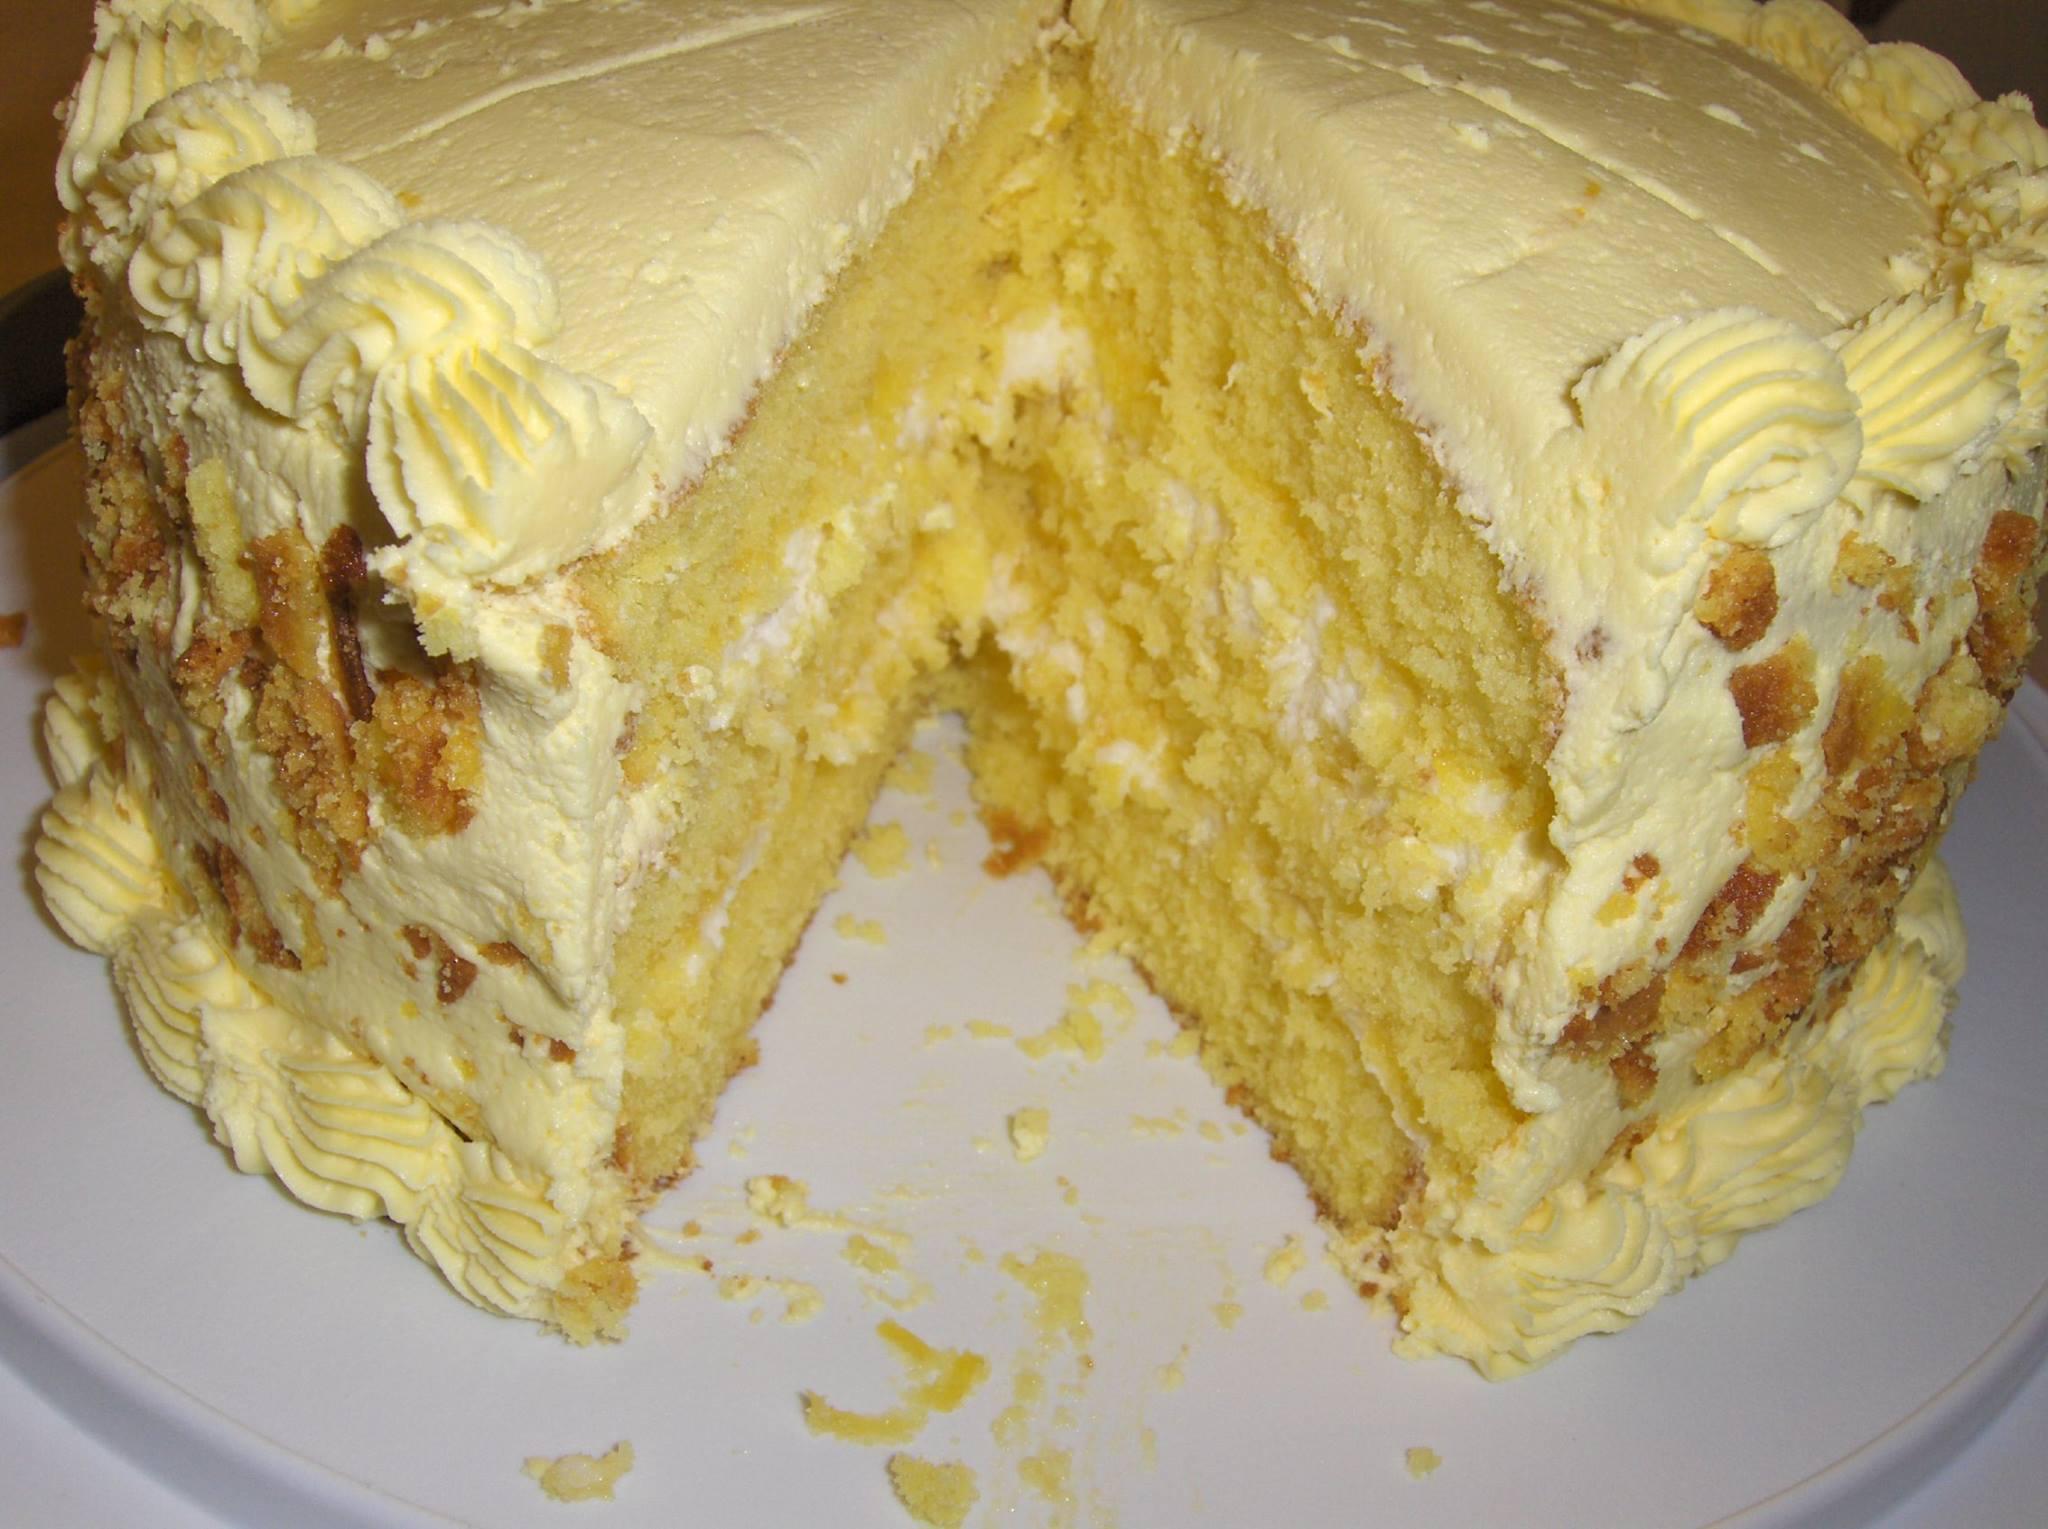 Skinny Yellow Cake Recipe